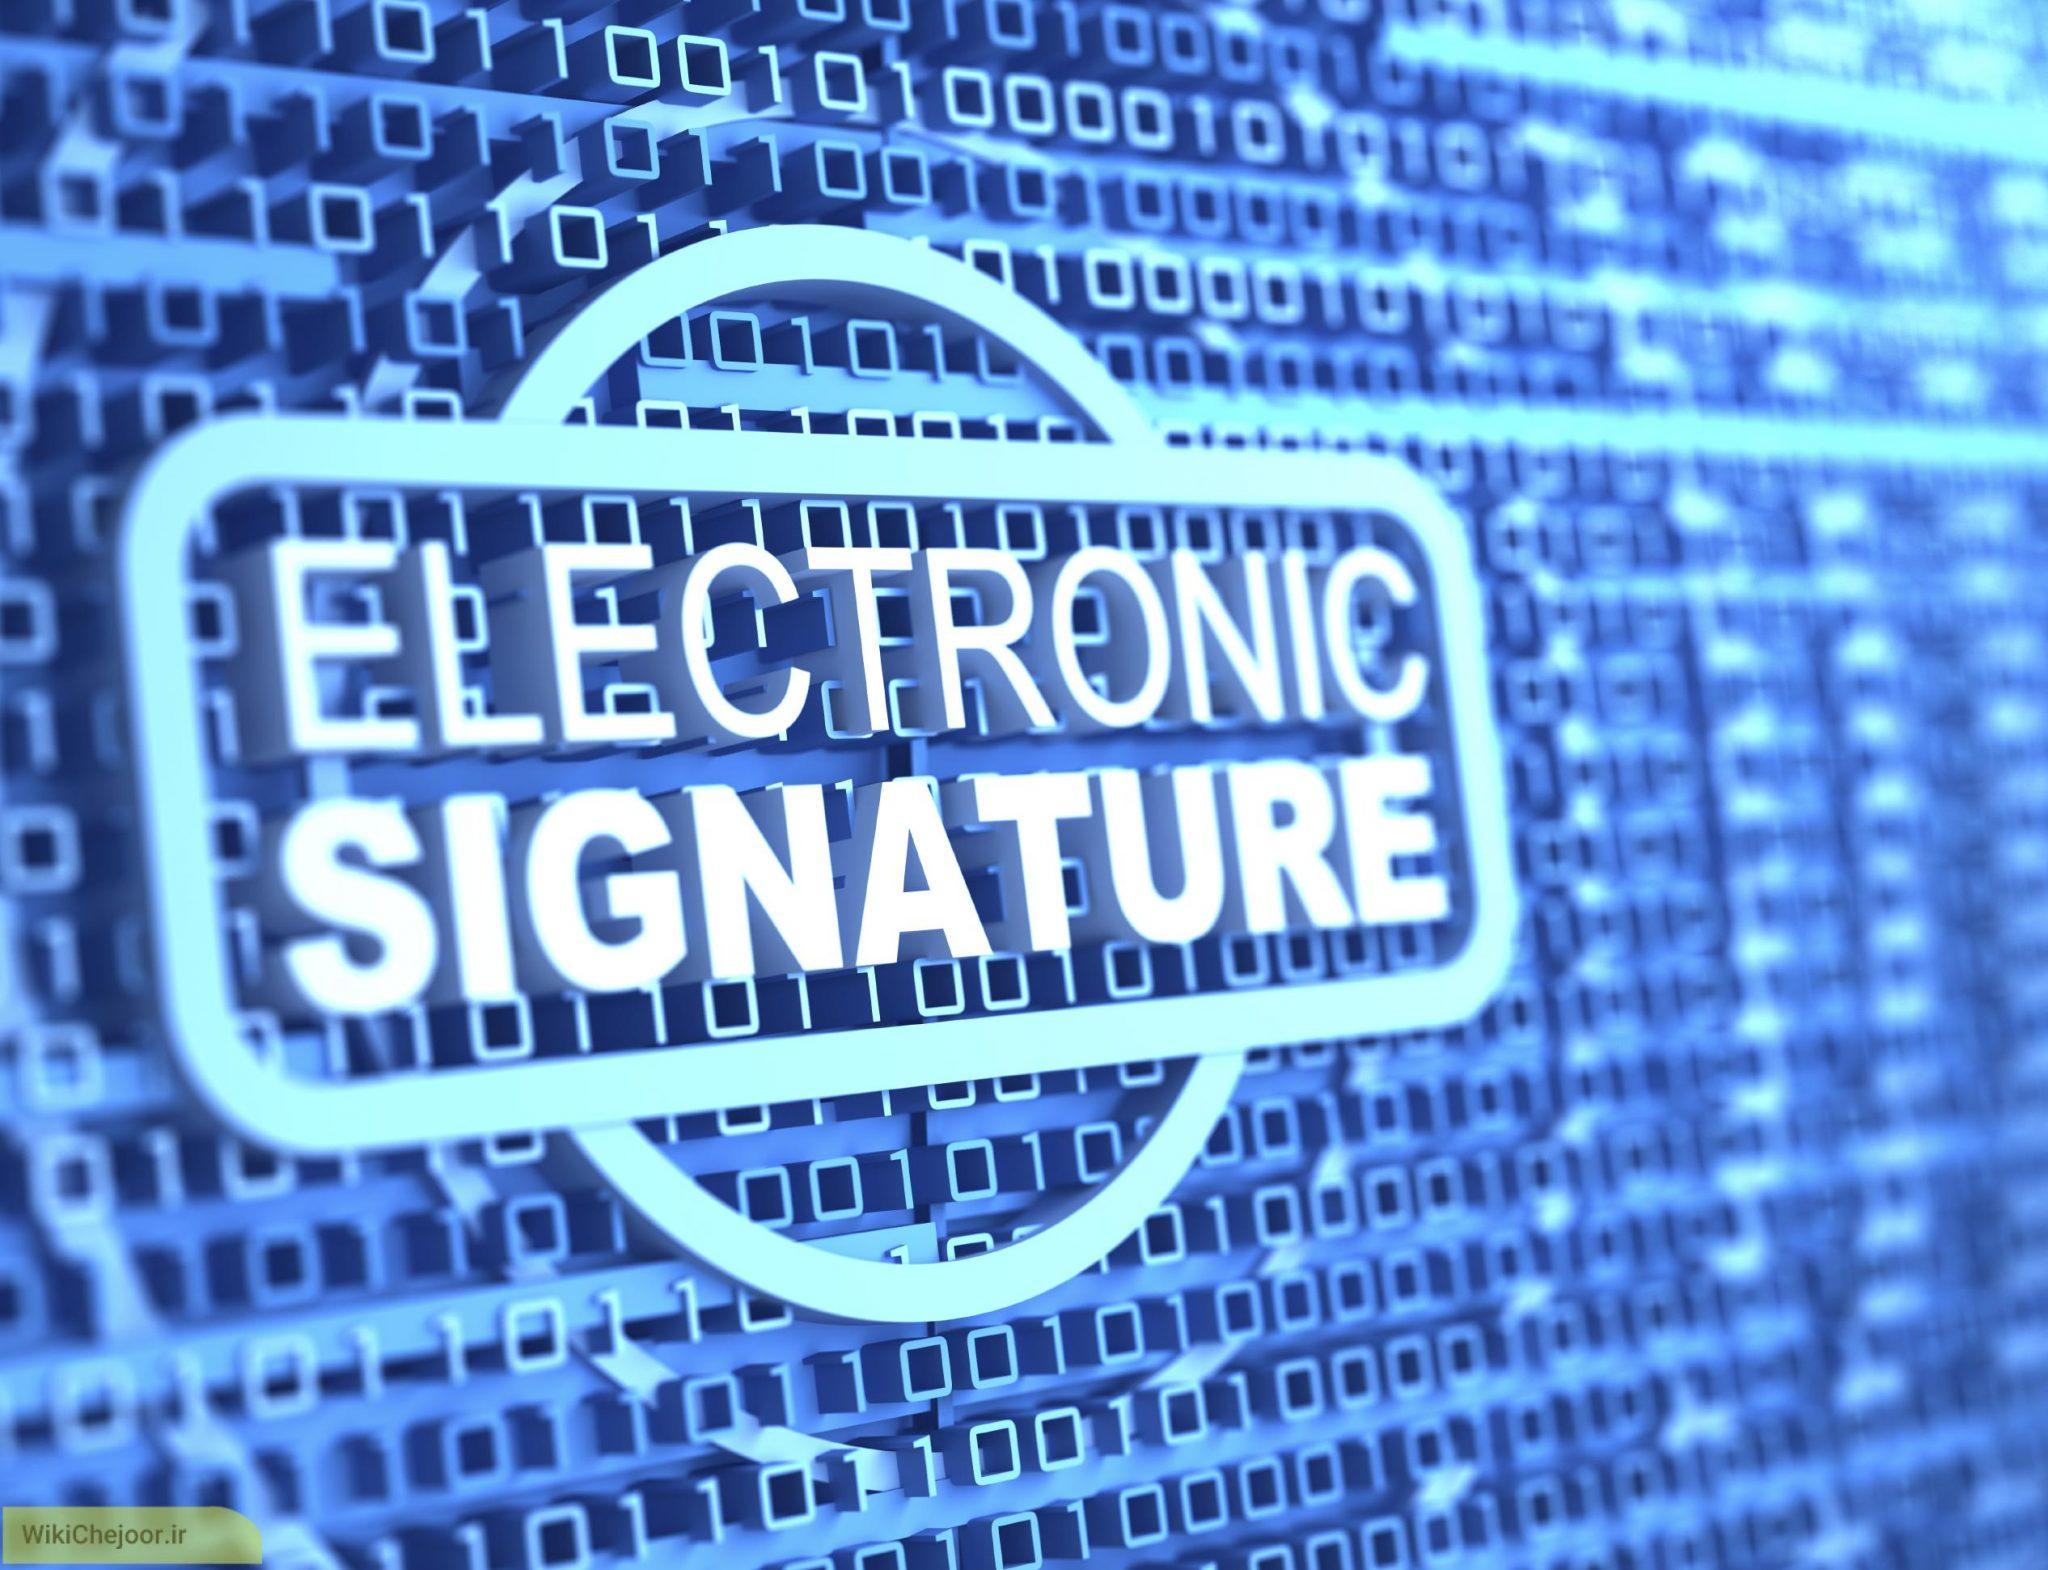 چگونه امنیت پول الکترونیک تامین می شود؟(۲)